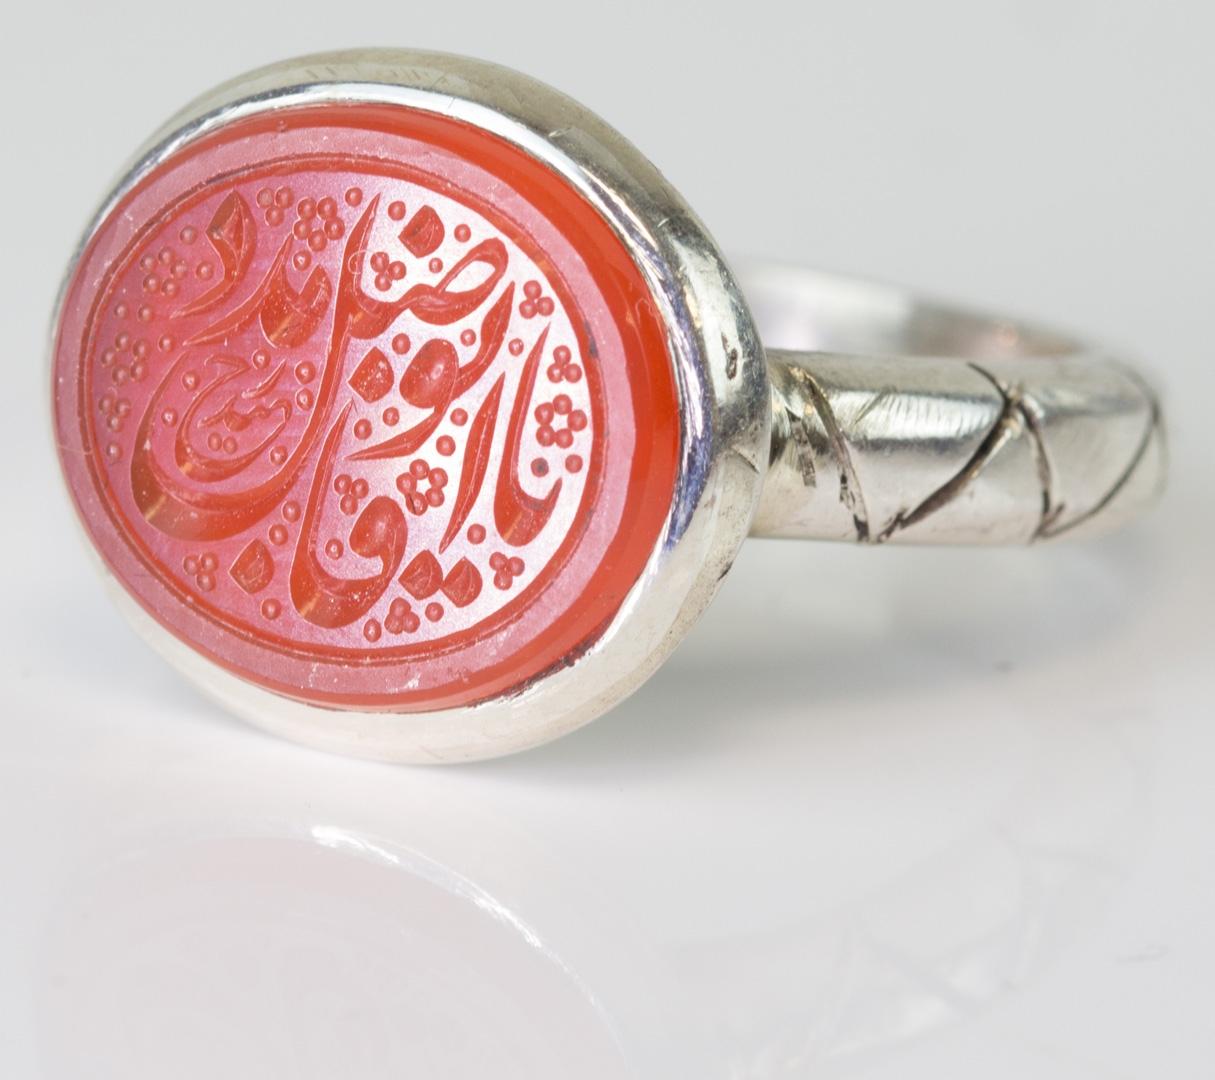 Aqiq Yamani graviert mit Ya Abul Fadl Handgraviert Silberring Größe 62